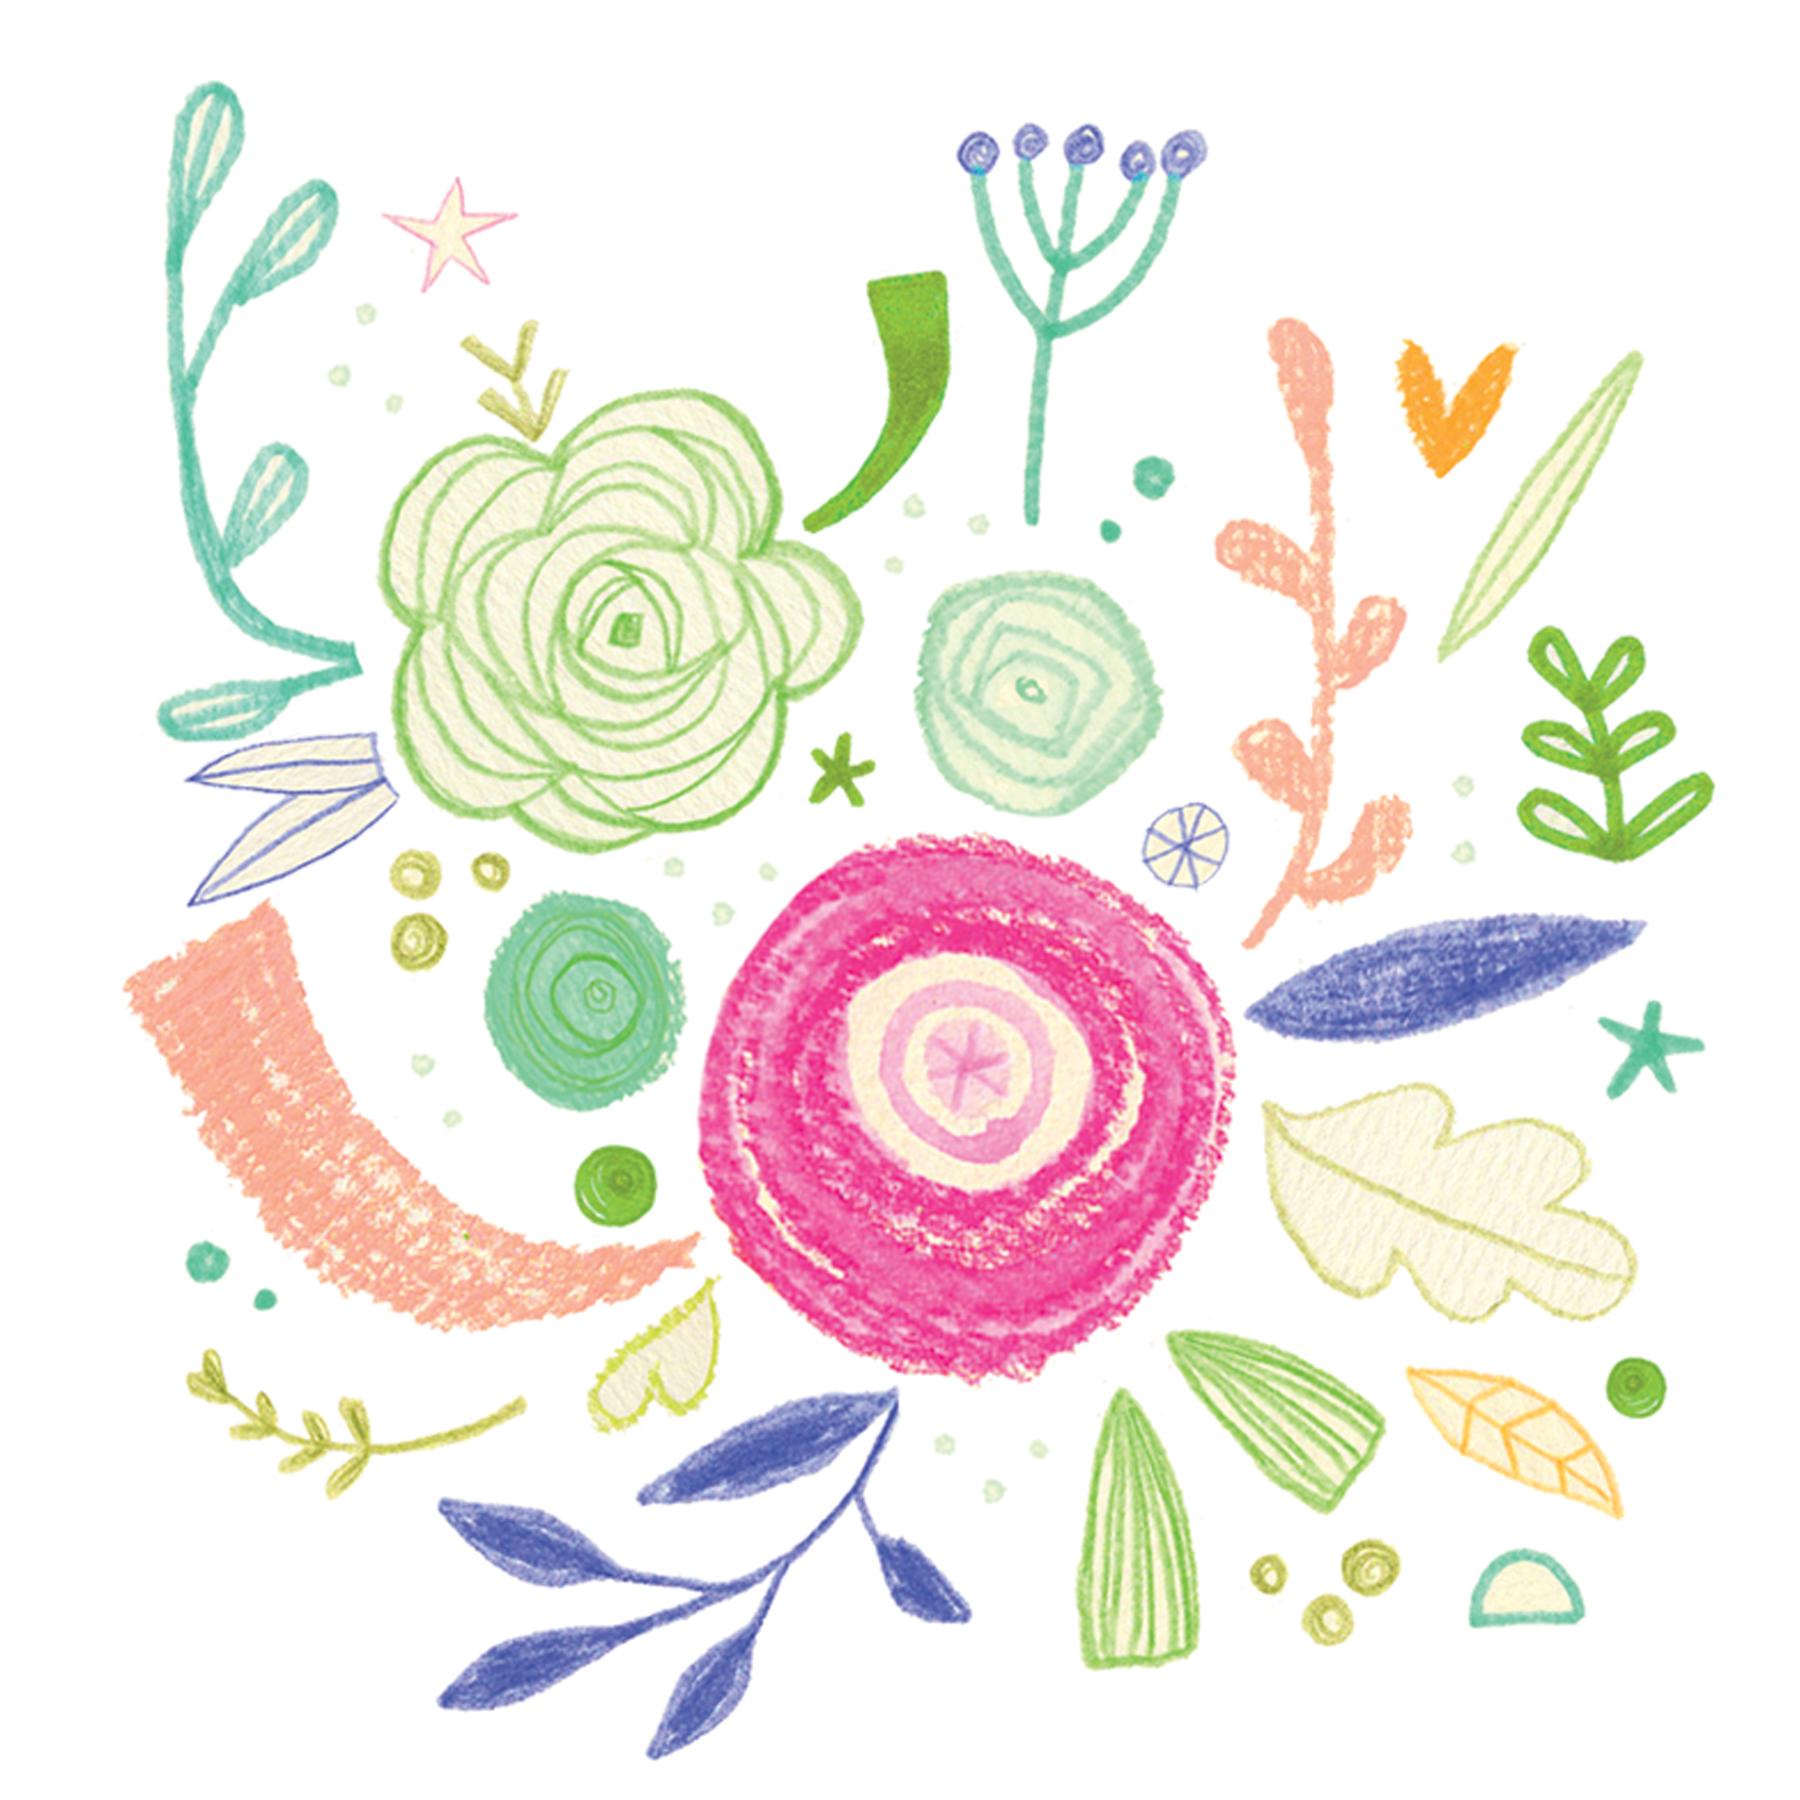 flower doodle arragement